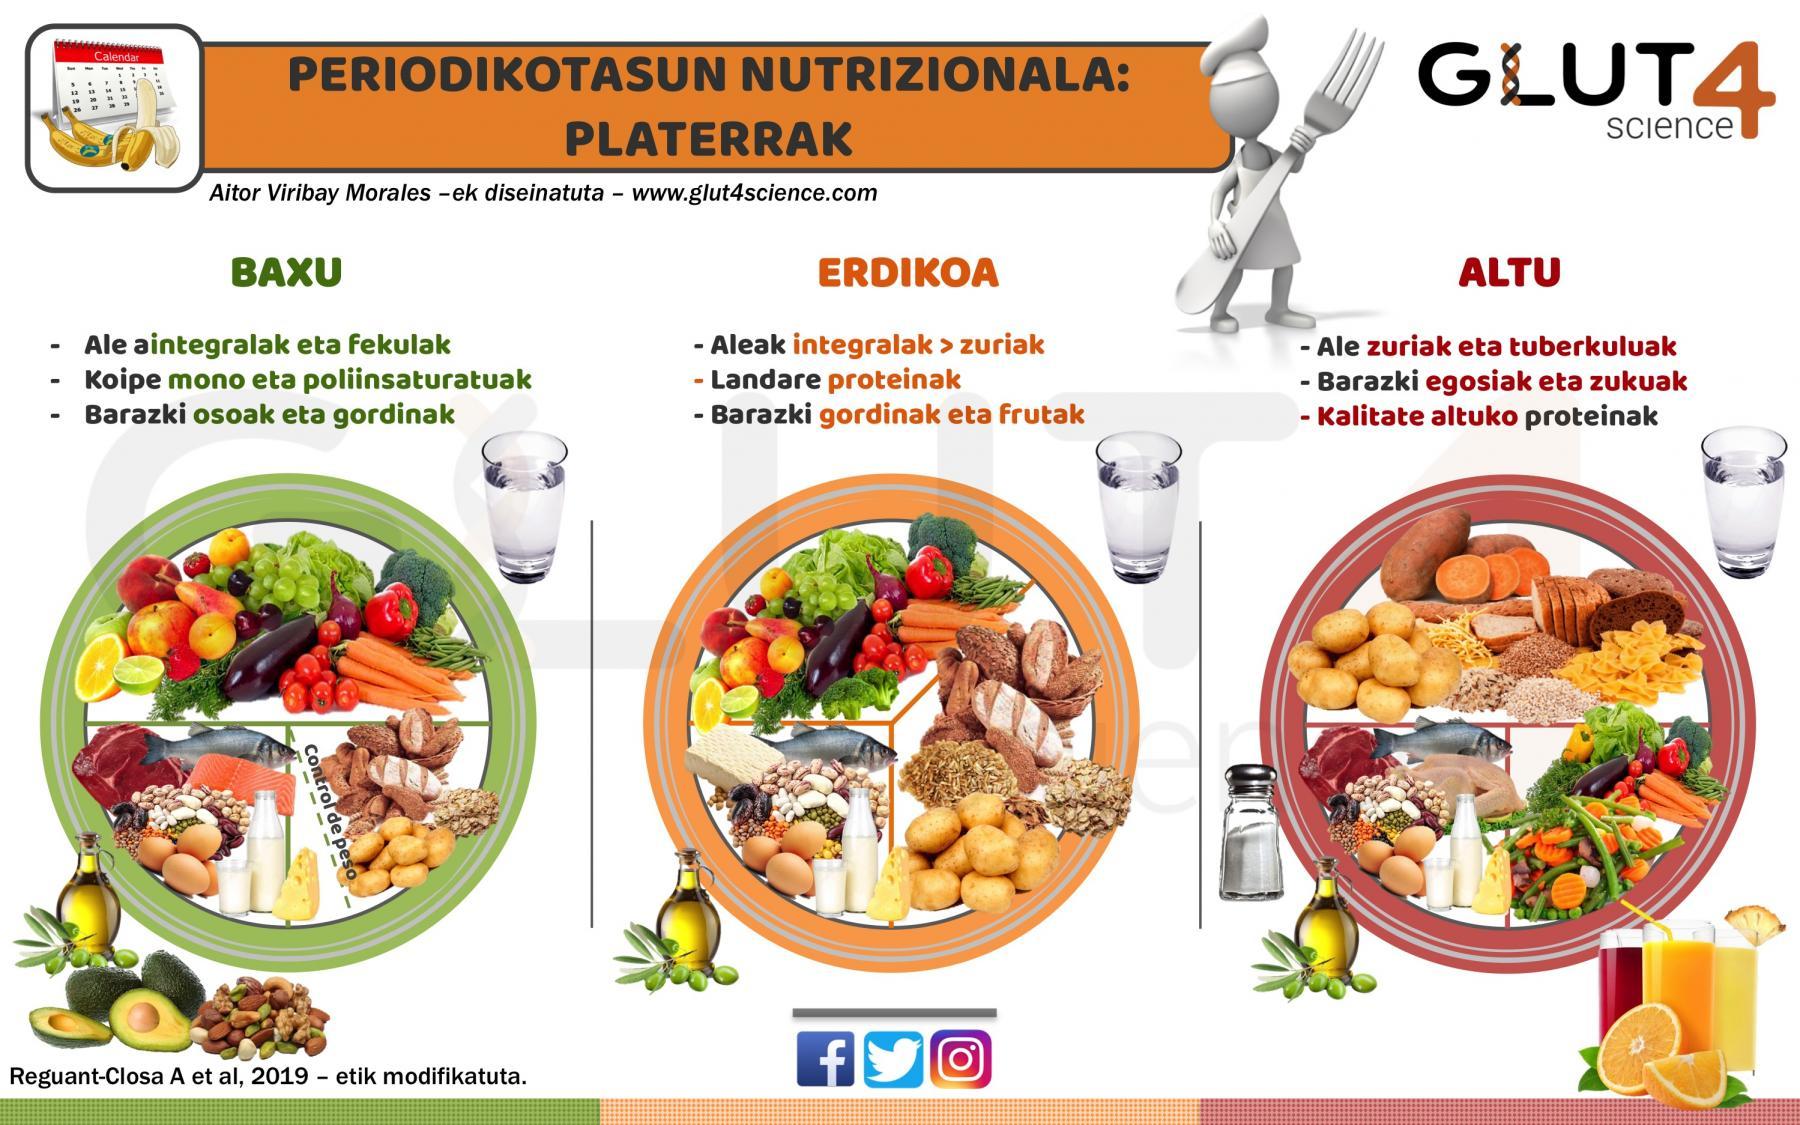 Periodikotasun nutrizionala kirolean: Platerrak